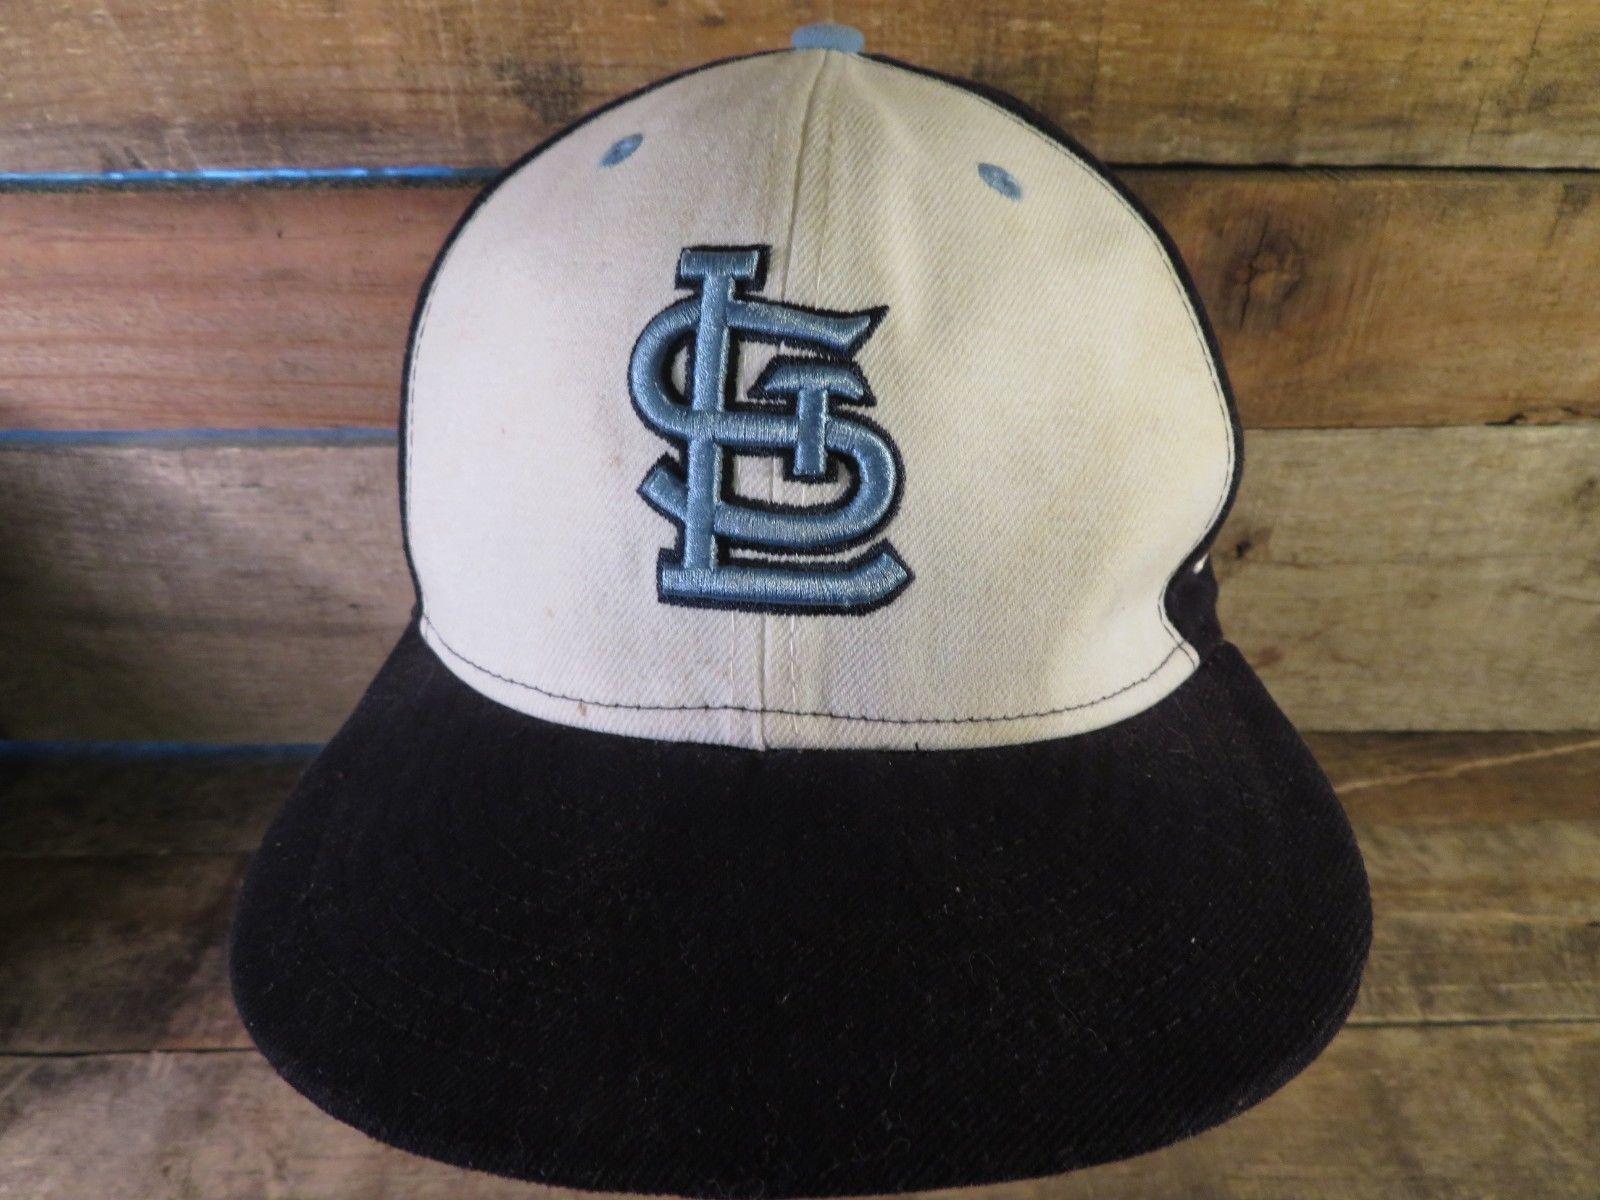 St Louis Cardinals Baseball MLB New Era Angepasst Größe 7 Erwachsene Kappe Hut